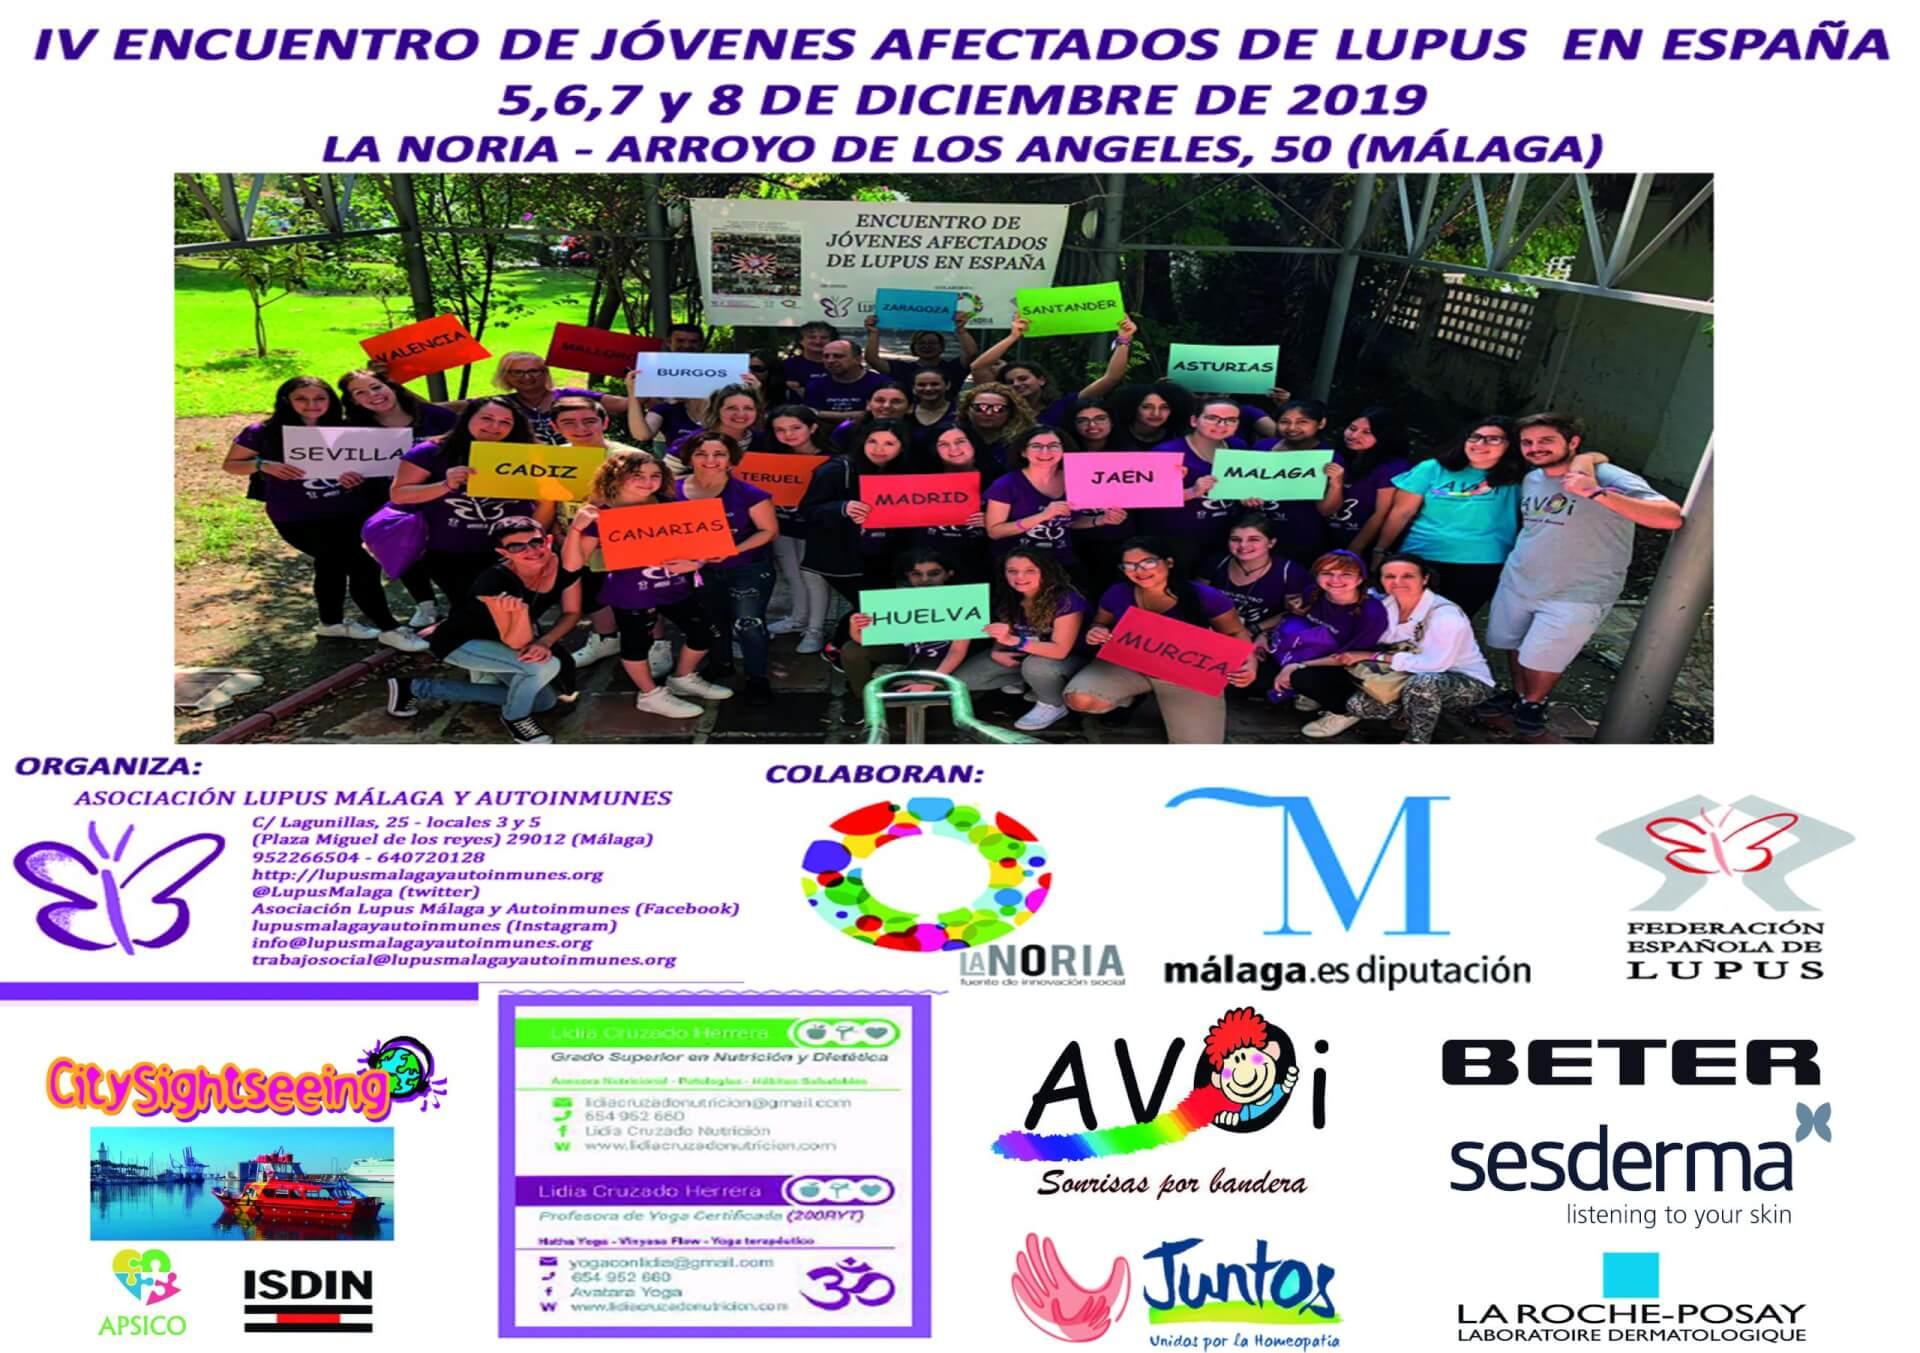 IV Encuentro de jóvenes afectados de Lupus en España